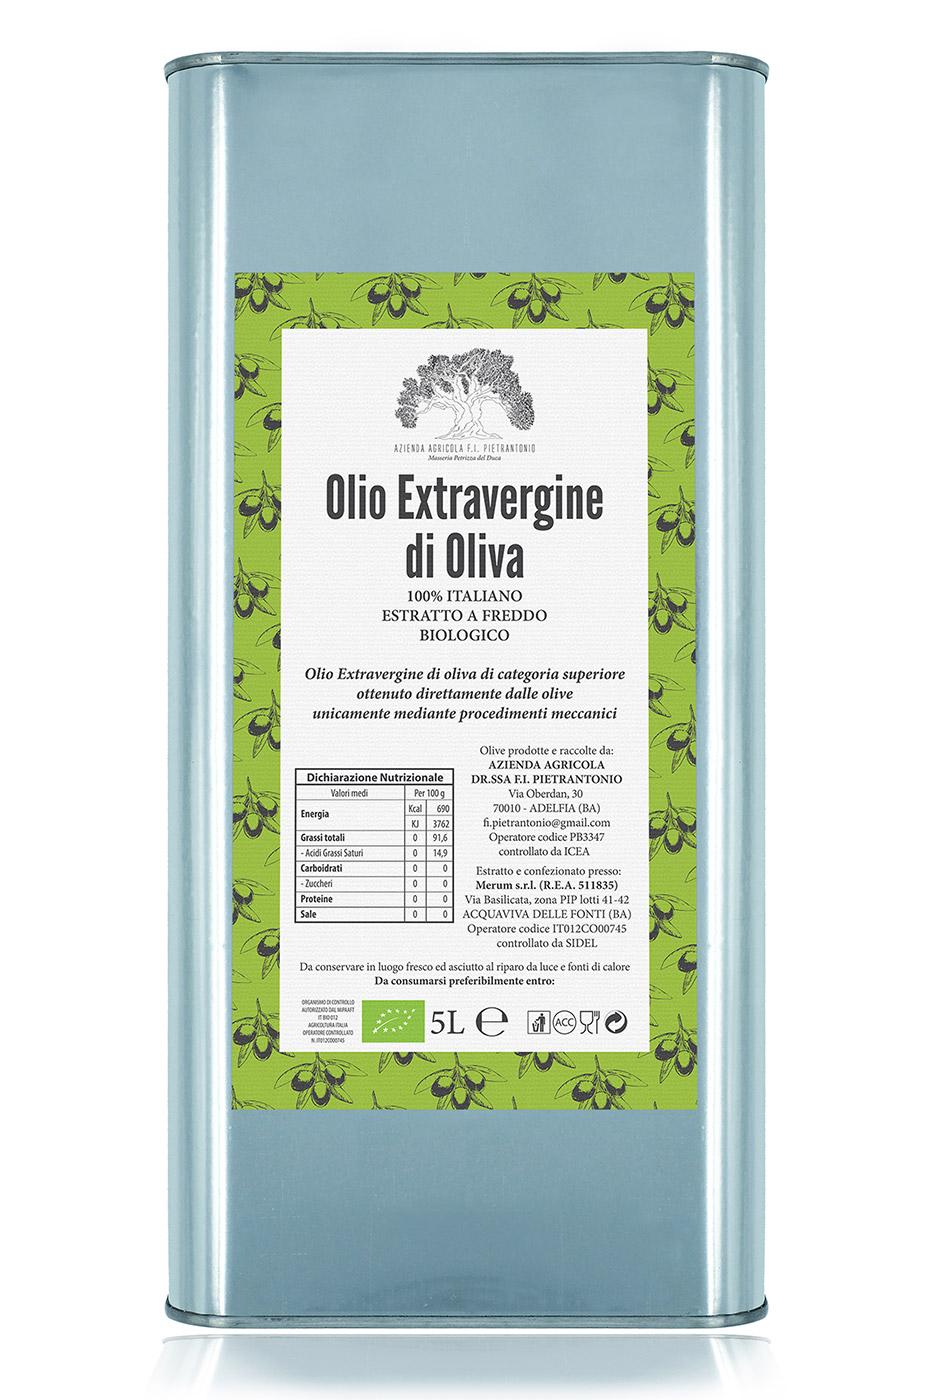 Lattina da 5 litri di olio extravergine d'oliva 100% italiano BIOLOGICO – estratto a freddo